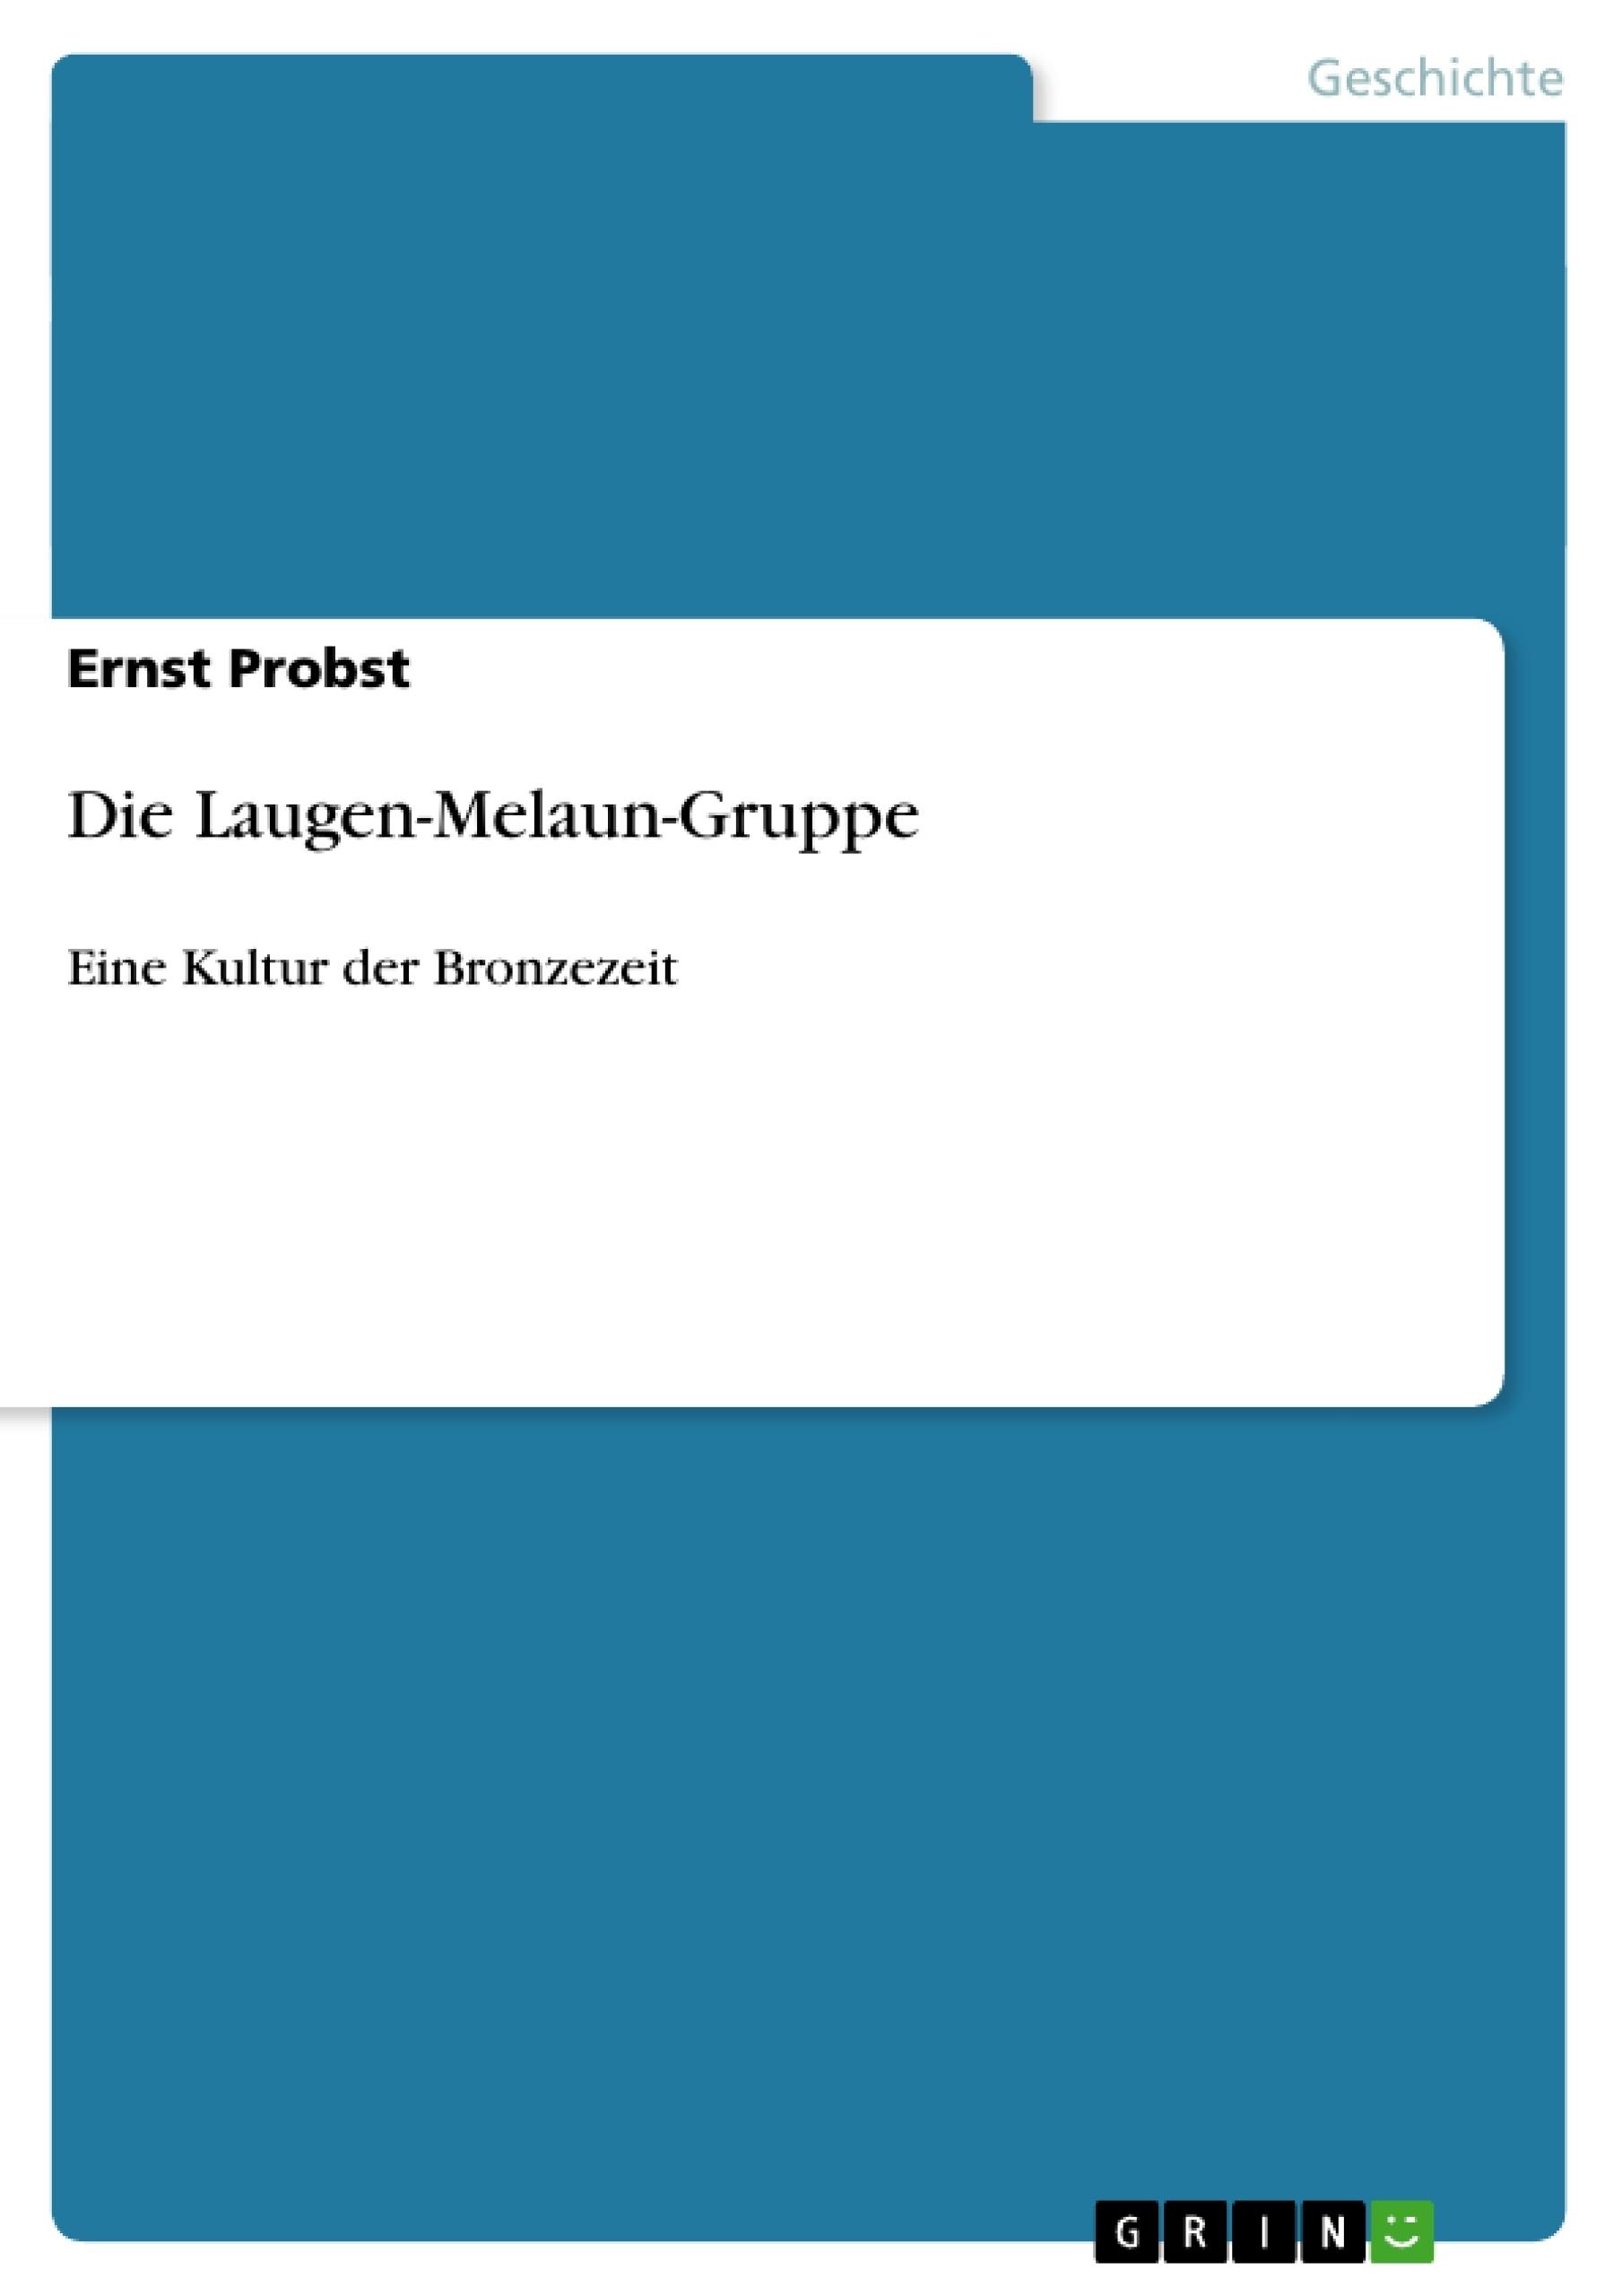 Titel: Die Laugen-Melaun-Gruppe